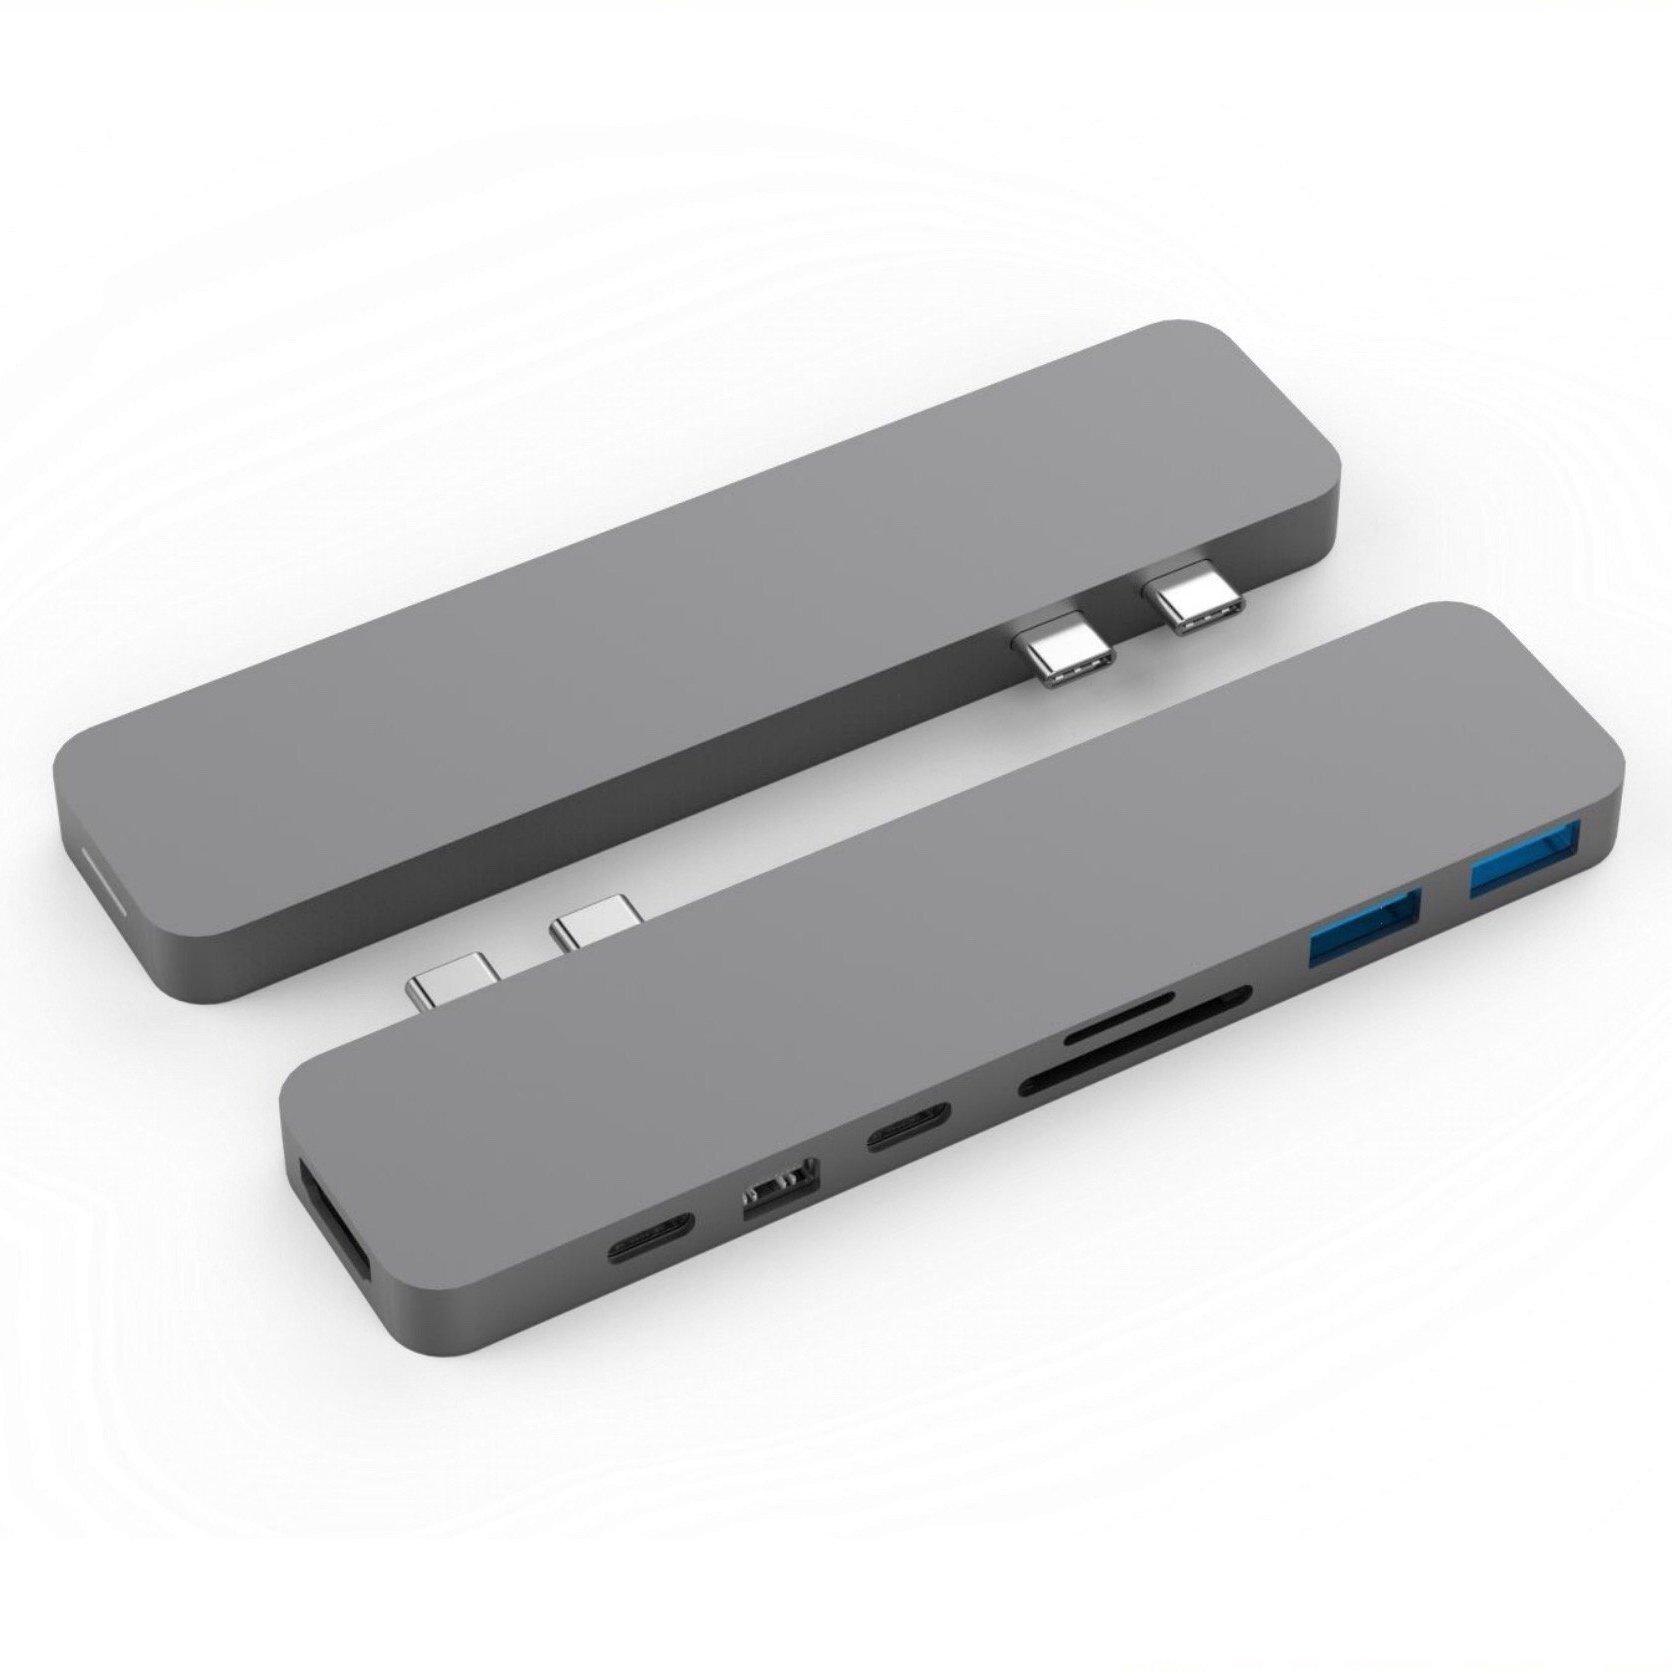 CỔNG CHUYỂN HYPERDRIVE PRO 8-IN-2 HUB FOR USB-C MACBOOK PRO/AIR - Hàng Chính Hãng - GN28D Gray